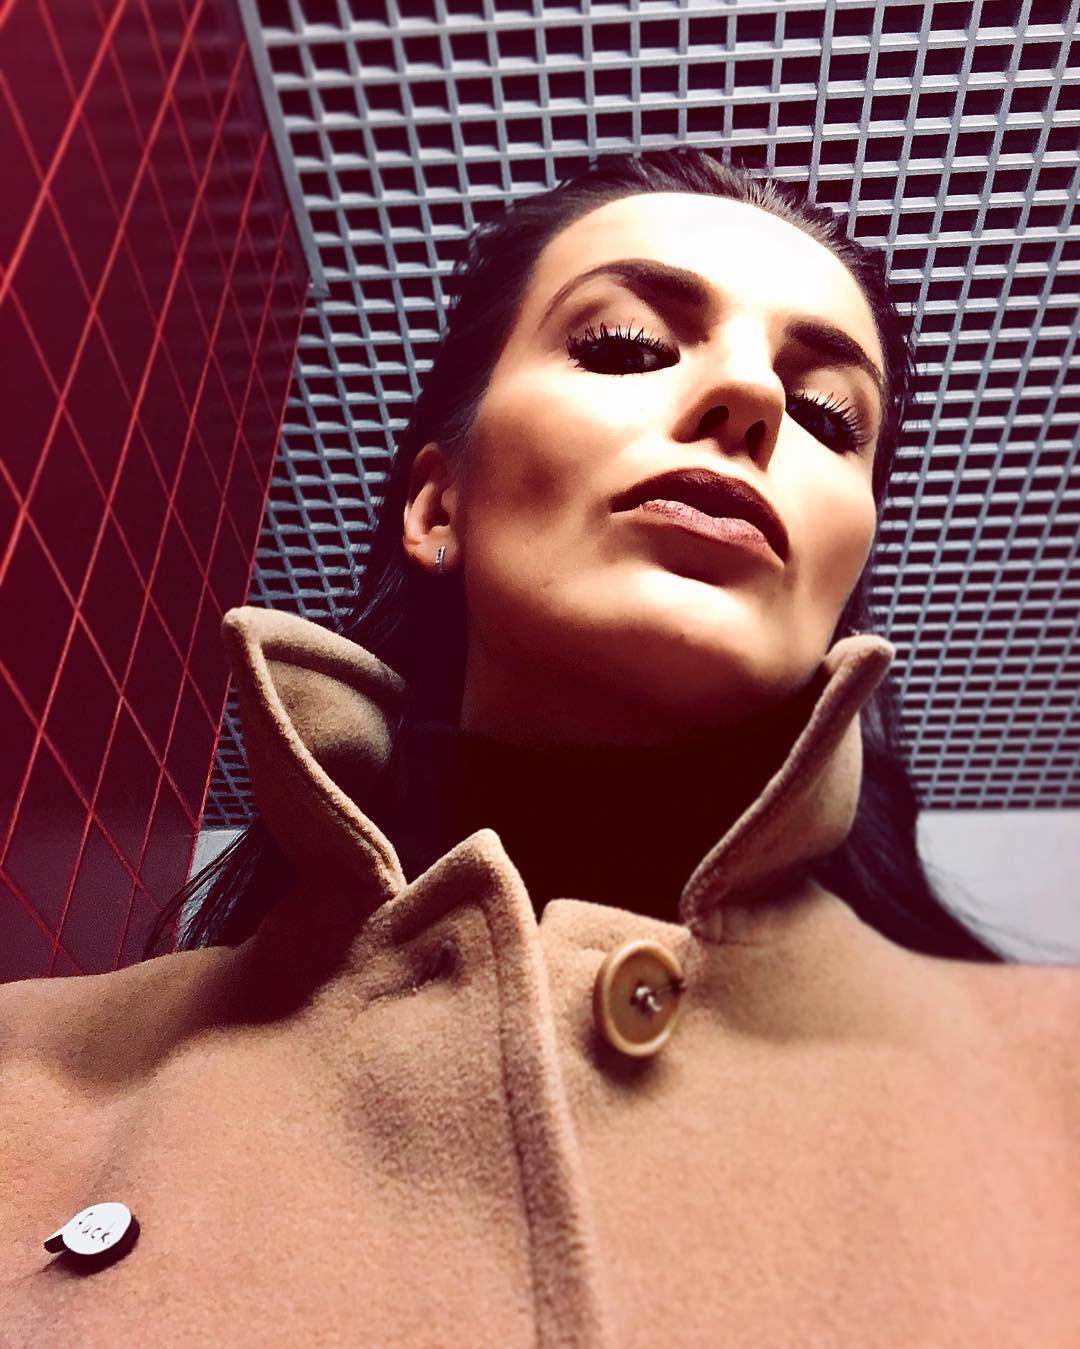 Ксения Лукьянчикова: PMW-mood Вэсна, где ты?! Готэм ждет.